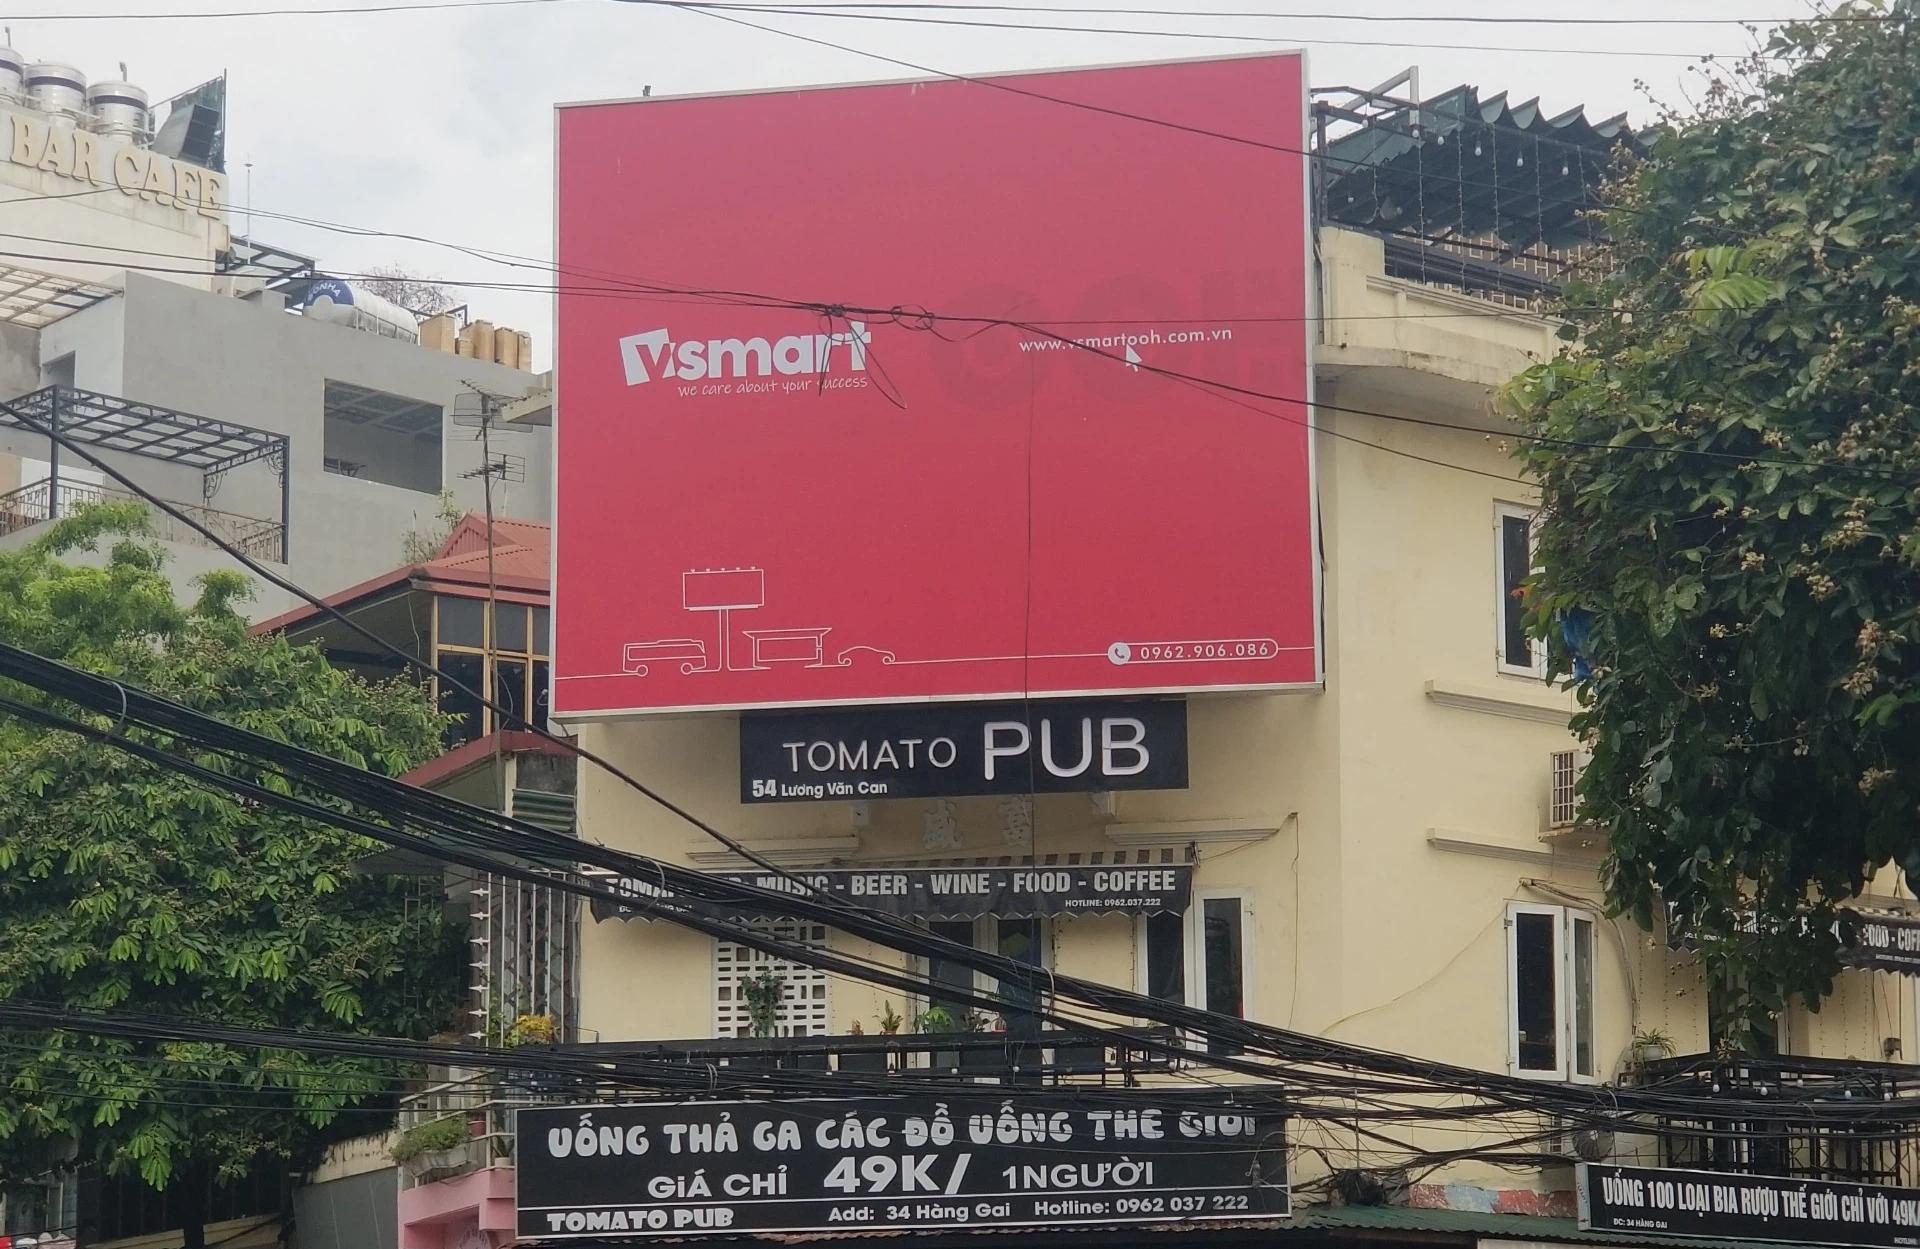 Xuất hiện biển quảng cáo có nét tương đồng với thương hiệu smartphone VSmart ở trên đường phố thủ đô - Ảnh 2.